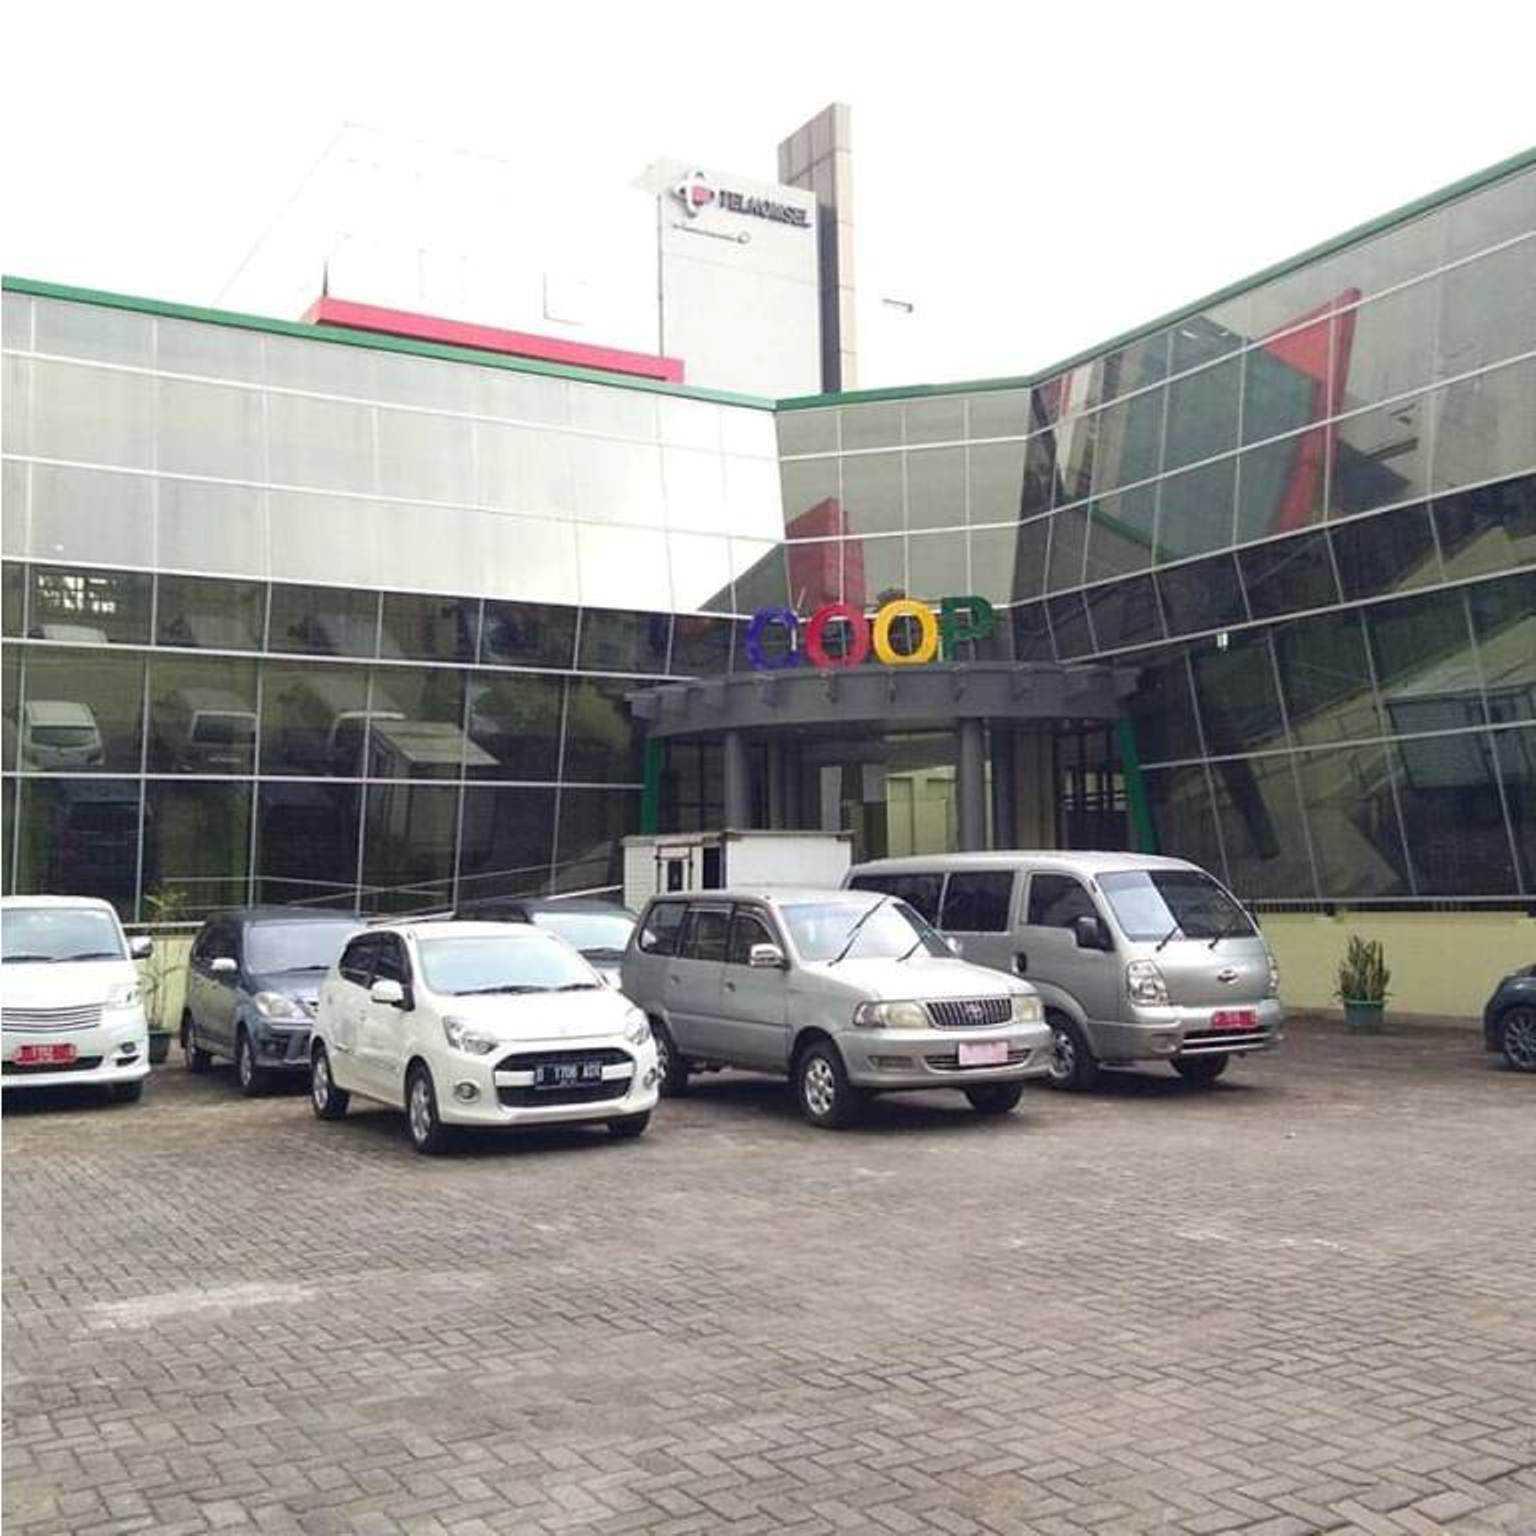 Archdesignbuild7 Kumkm Building Soekarno Hatta, Bandung, West Java Soekarno Hatta, Bandung, West Java Andiyanto-Purwonost-Kumkm-Building  57337